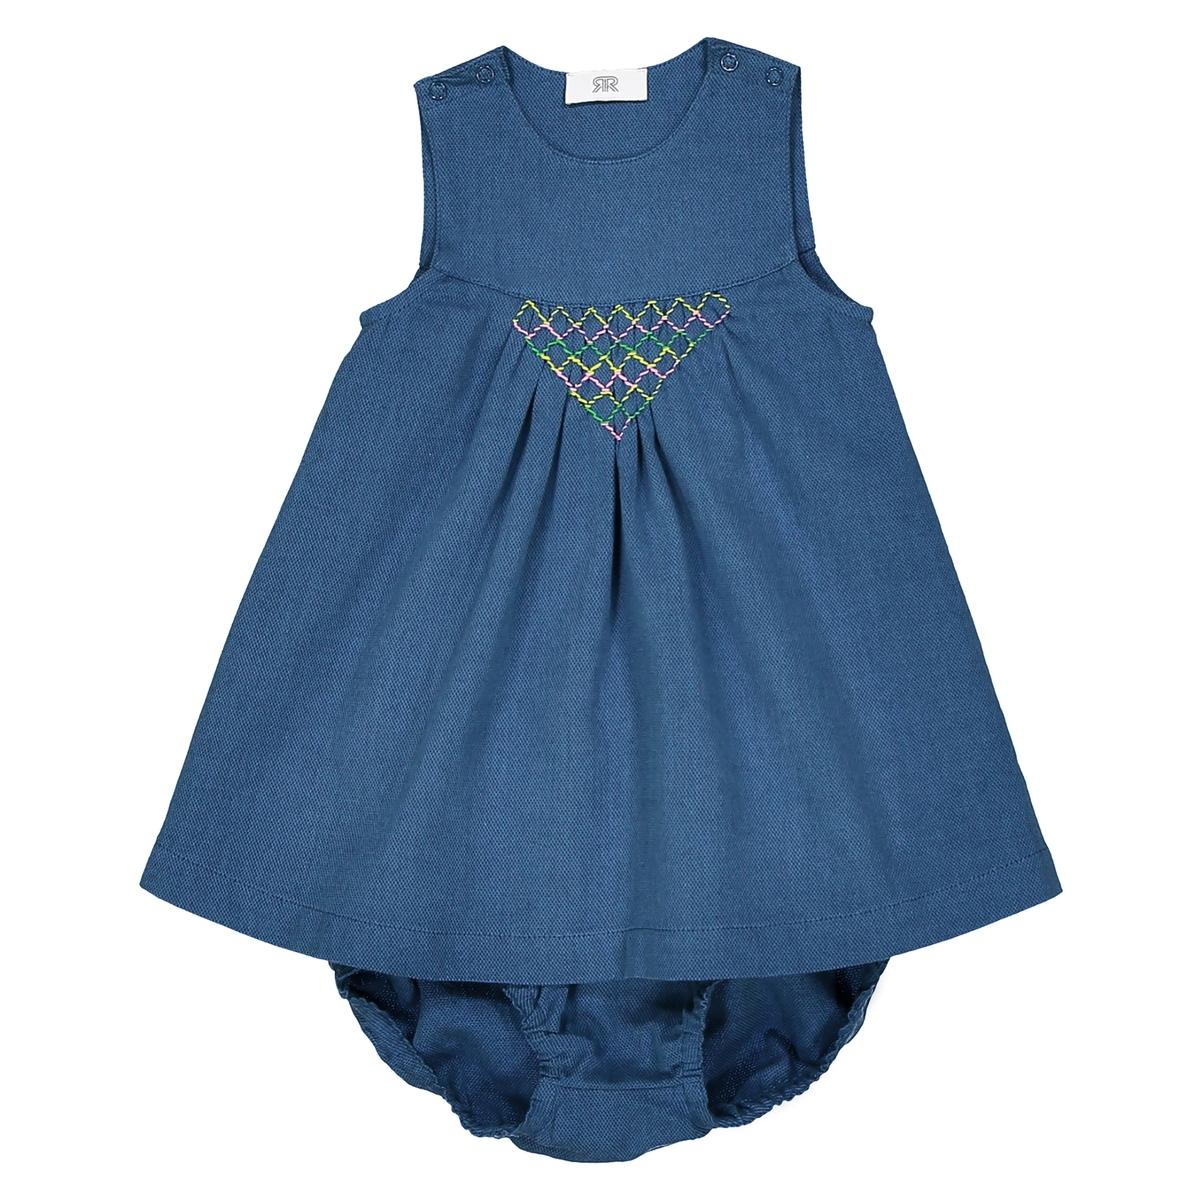 Комплект из платья и шортов из джинсы 0 мес. - 3 года от La Redoute Collections